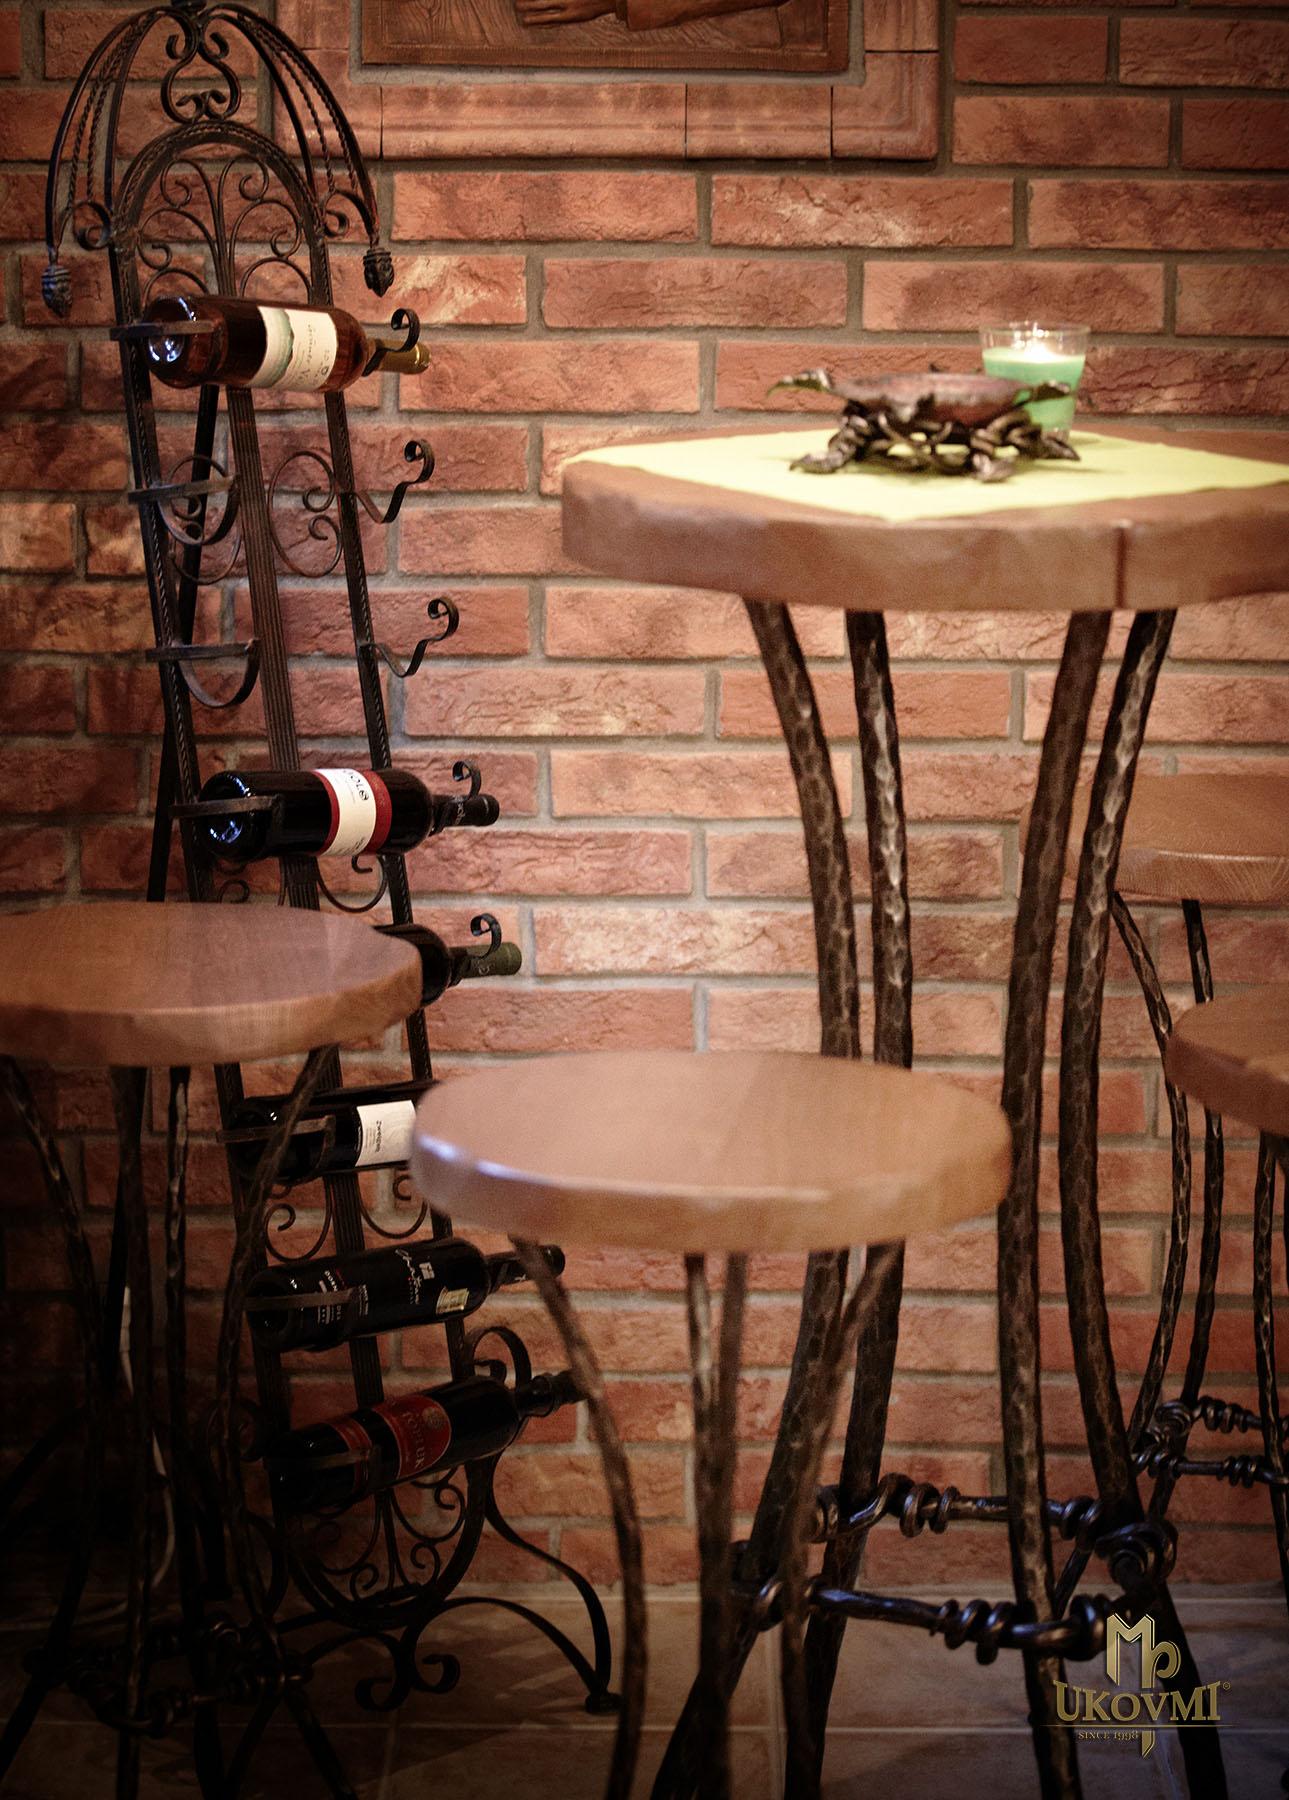 a087999434c2 ... Kovaný barový stôl - kovaný nábytok (NBK-102) ...